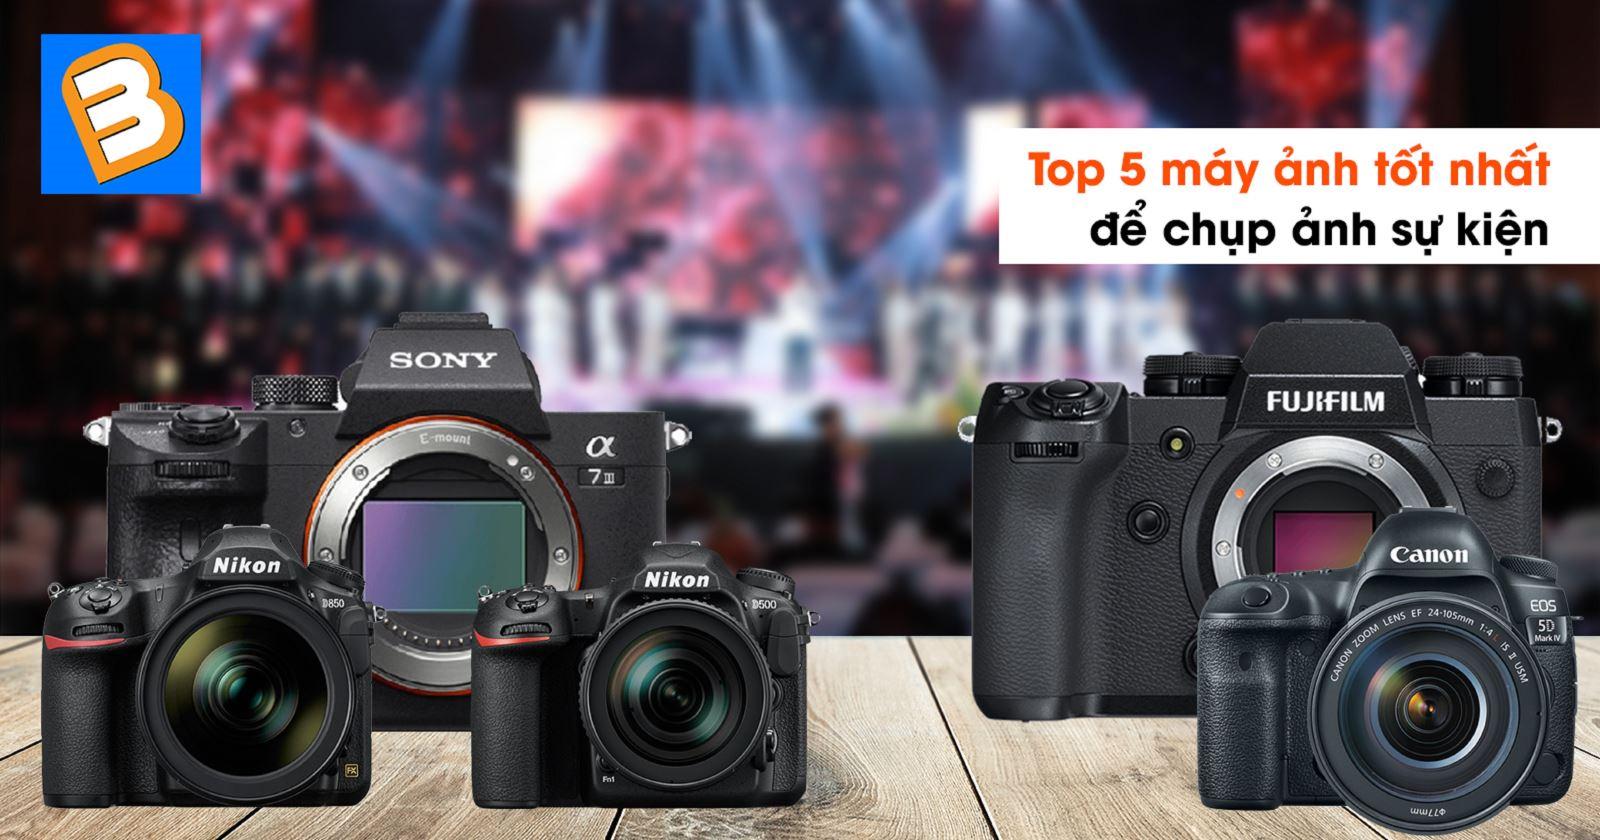 Top 5 máy ảnh tốt nhấtđể chụp ảnh sự kiện